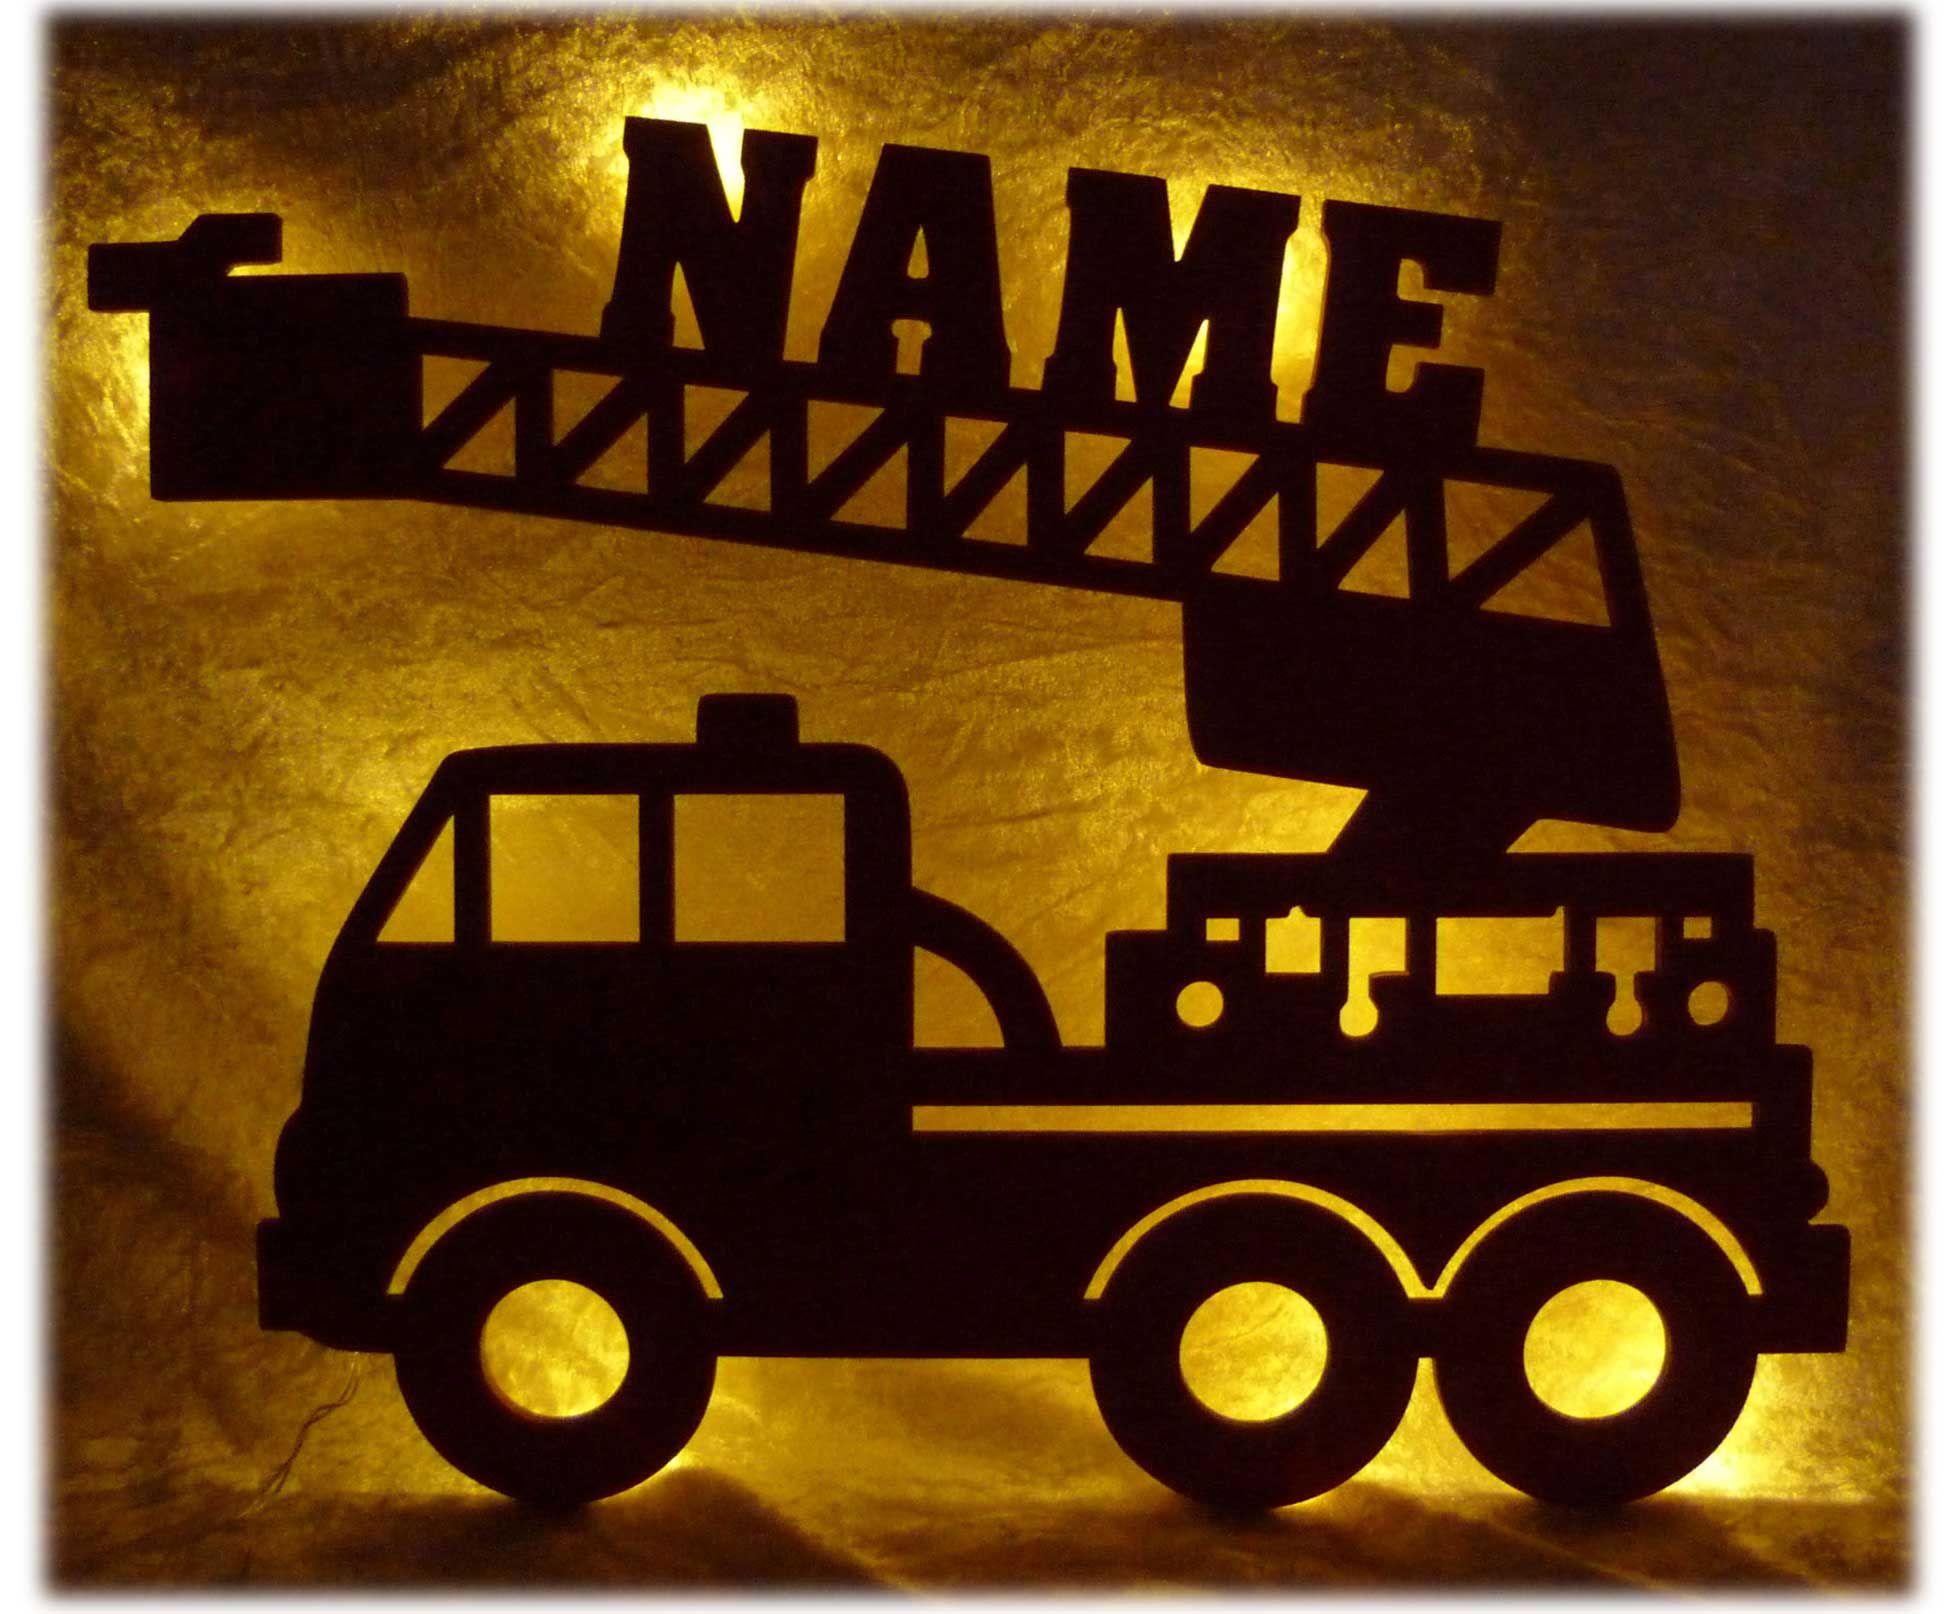 Led Feuerwehr Wagen Feuerwehrauto Lampe Mit Namen Feuerwehrauto Auto Namen Lampe